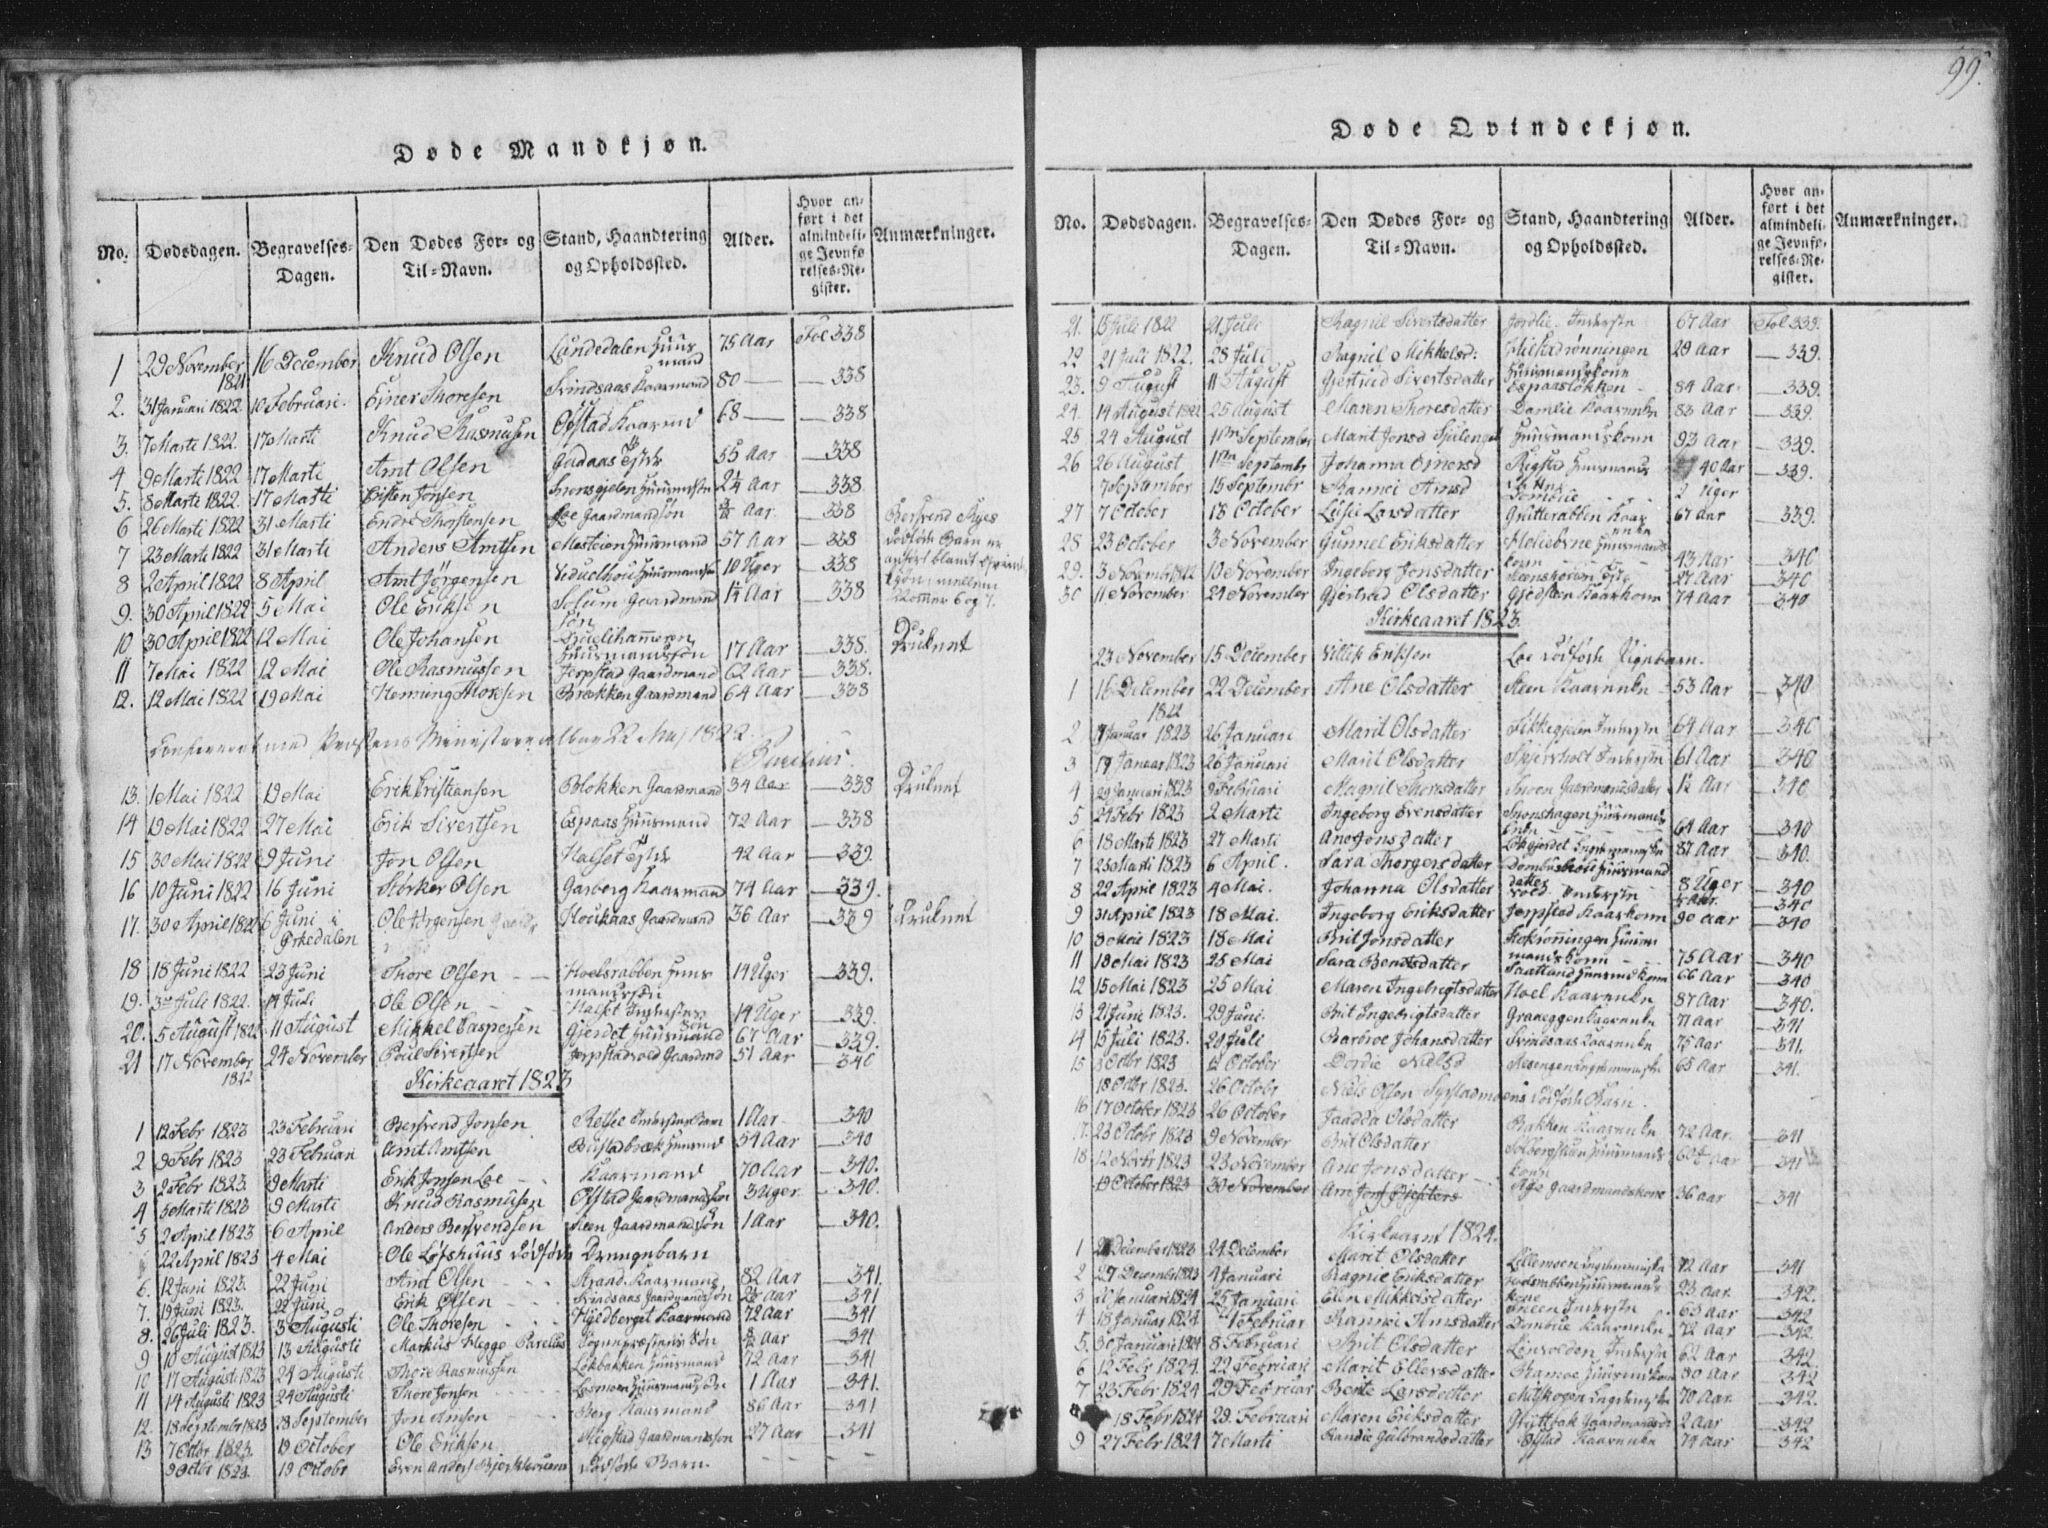 SAT, Ministerialprotokoller, klokkerbøker og fødselsregistre - Sør-Trøndelag, 672/L0862: Klokkerbok nr. 672C01, 1816-1831, s. 99